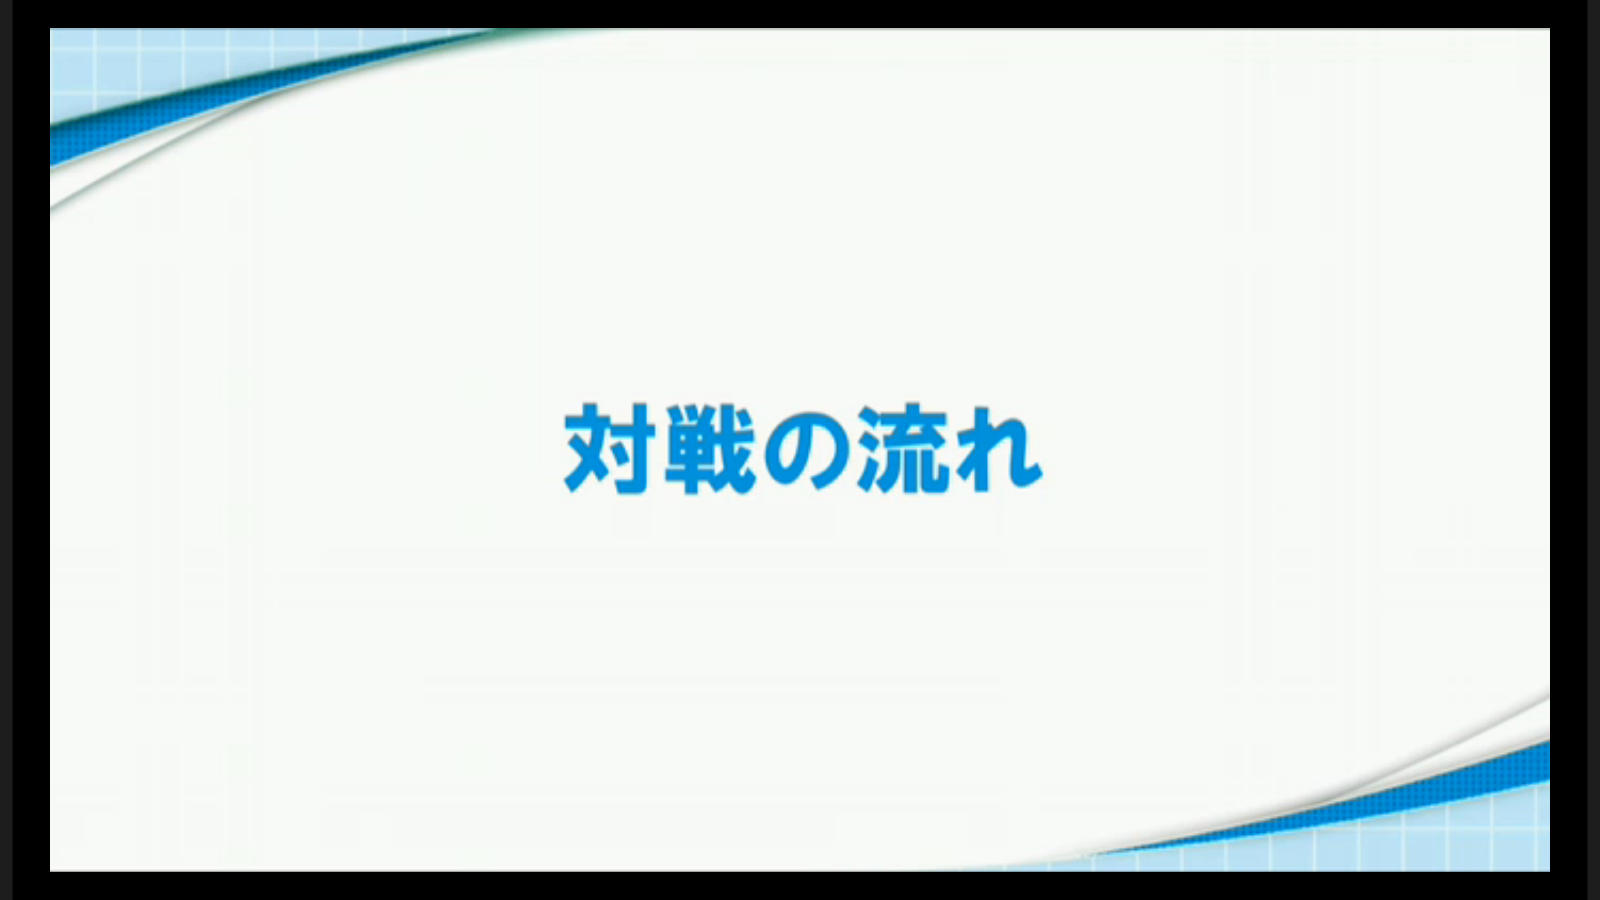 ジーンクロス発表会 新情報まとめ03.jpg